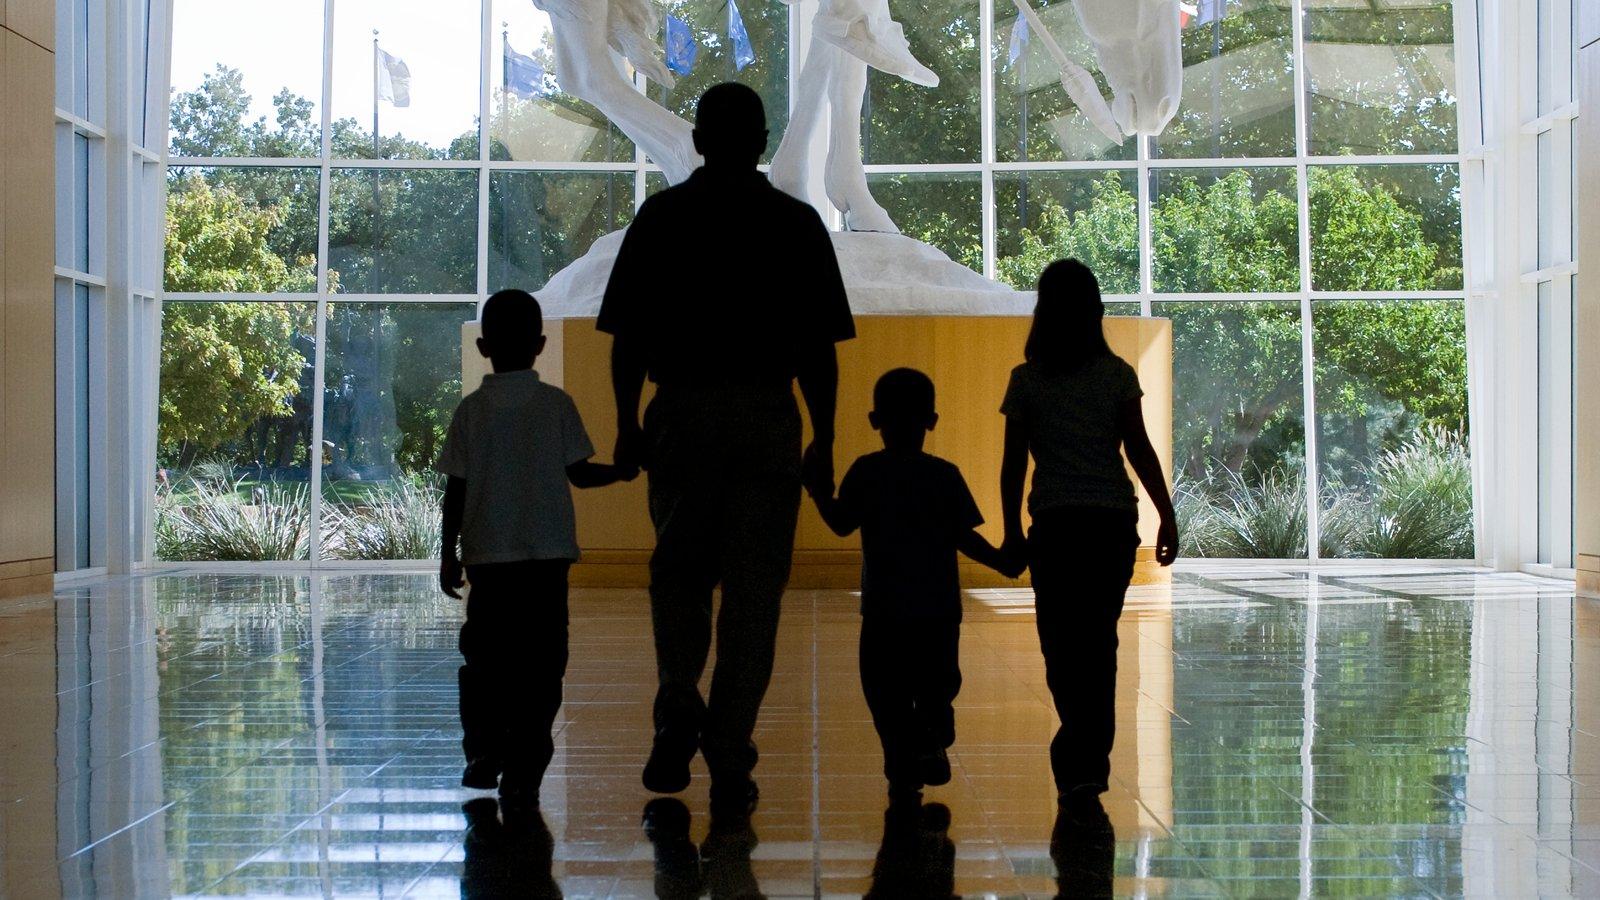 Oklahoma City mostrando vistas interiores y también una familia